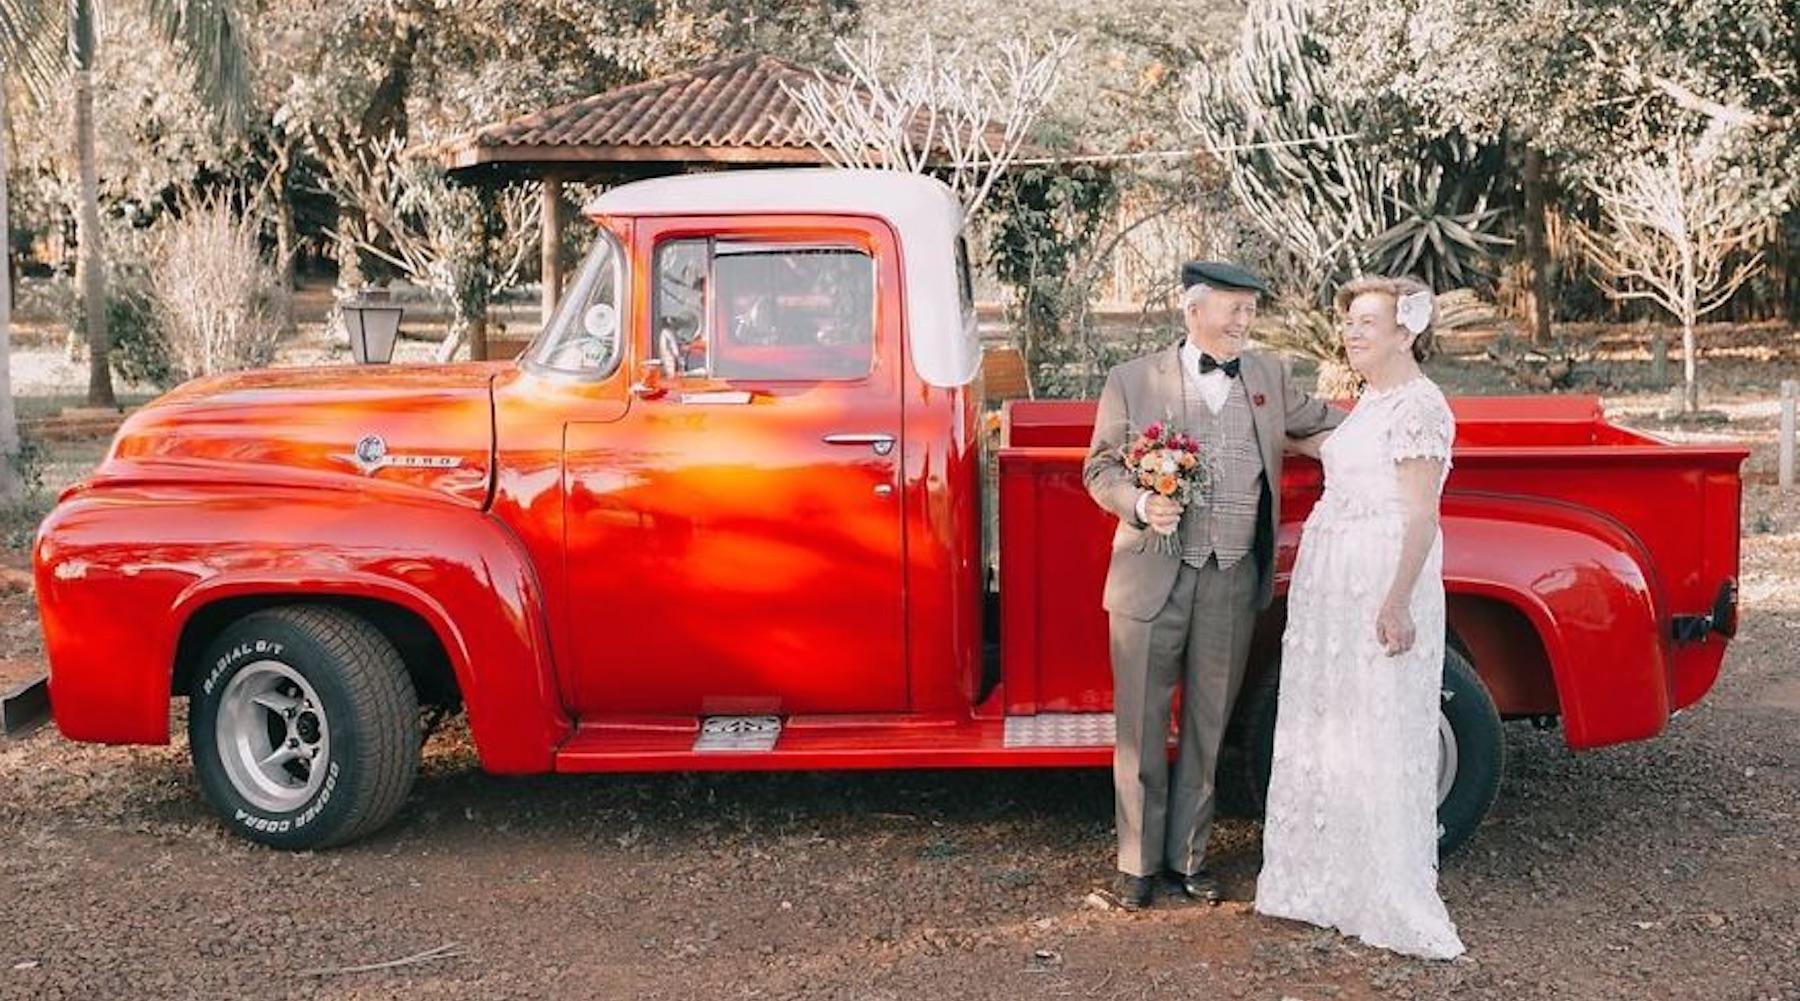 wedding1-1506439542634-1506439546108.jpg